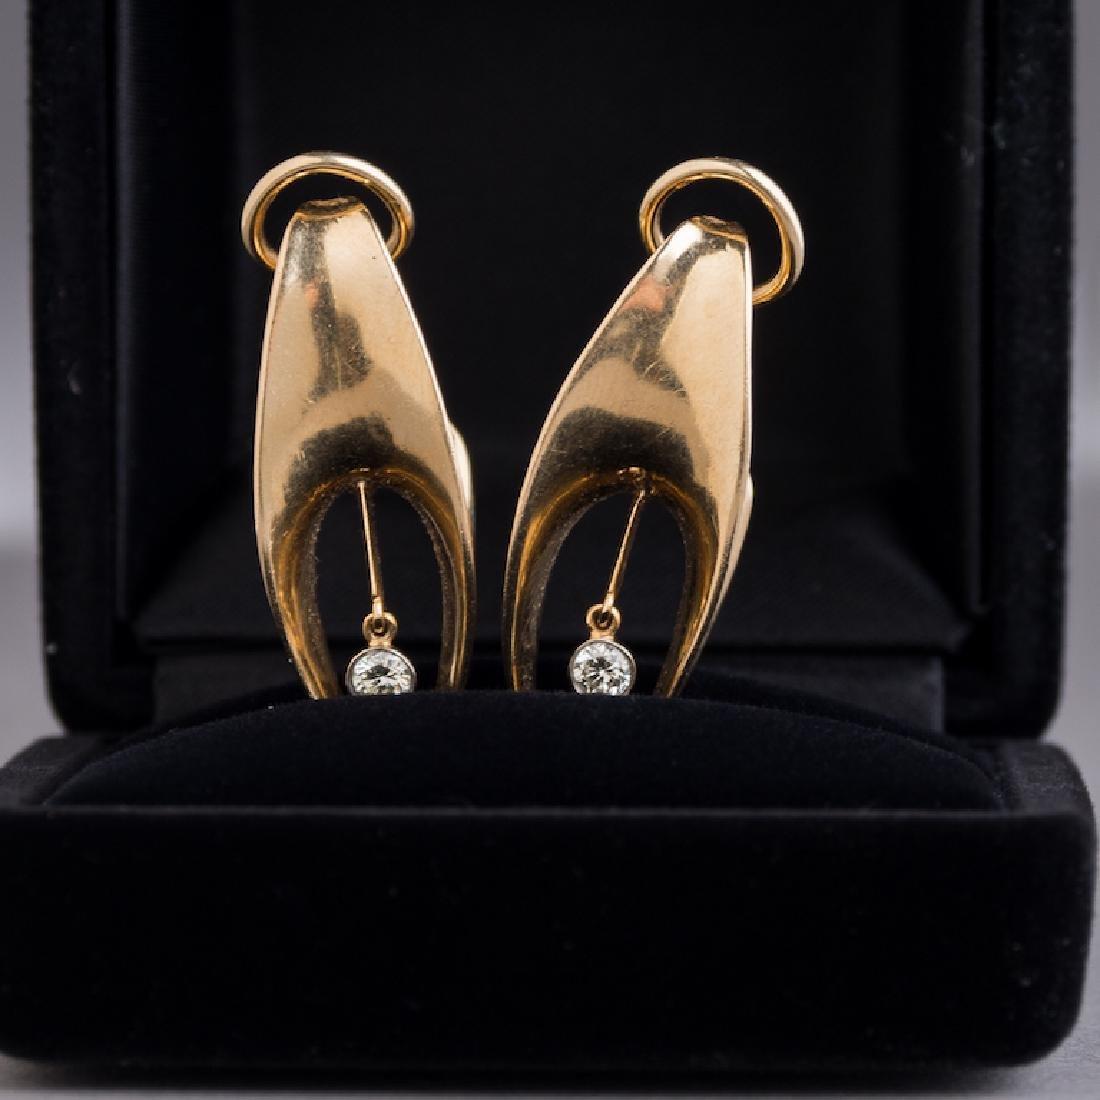 14K Gold & Diamond Estate Earrings